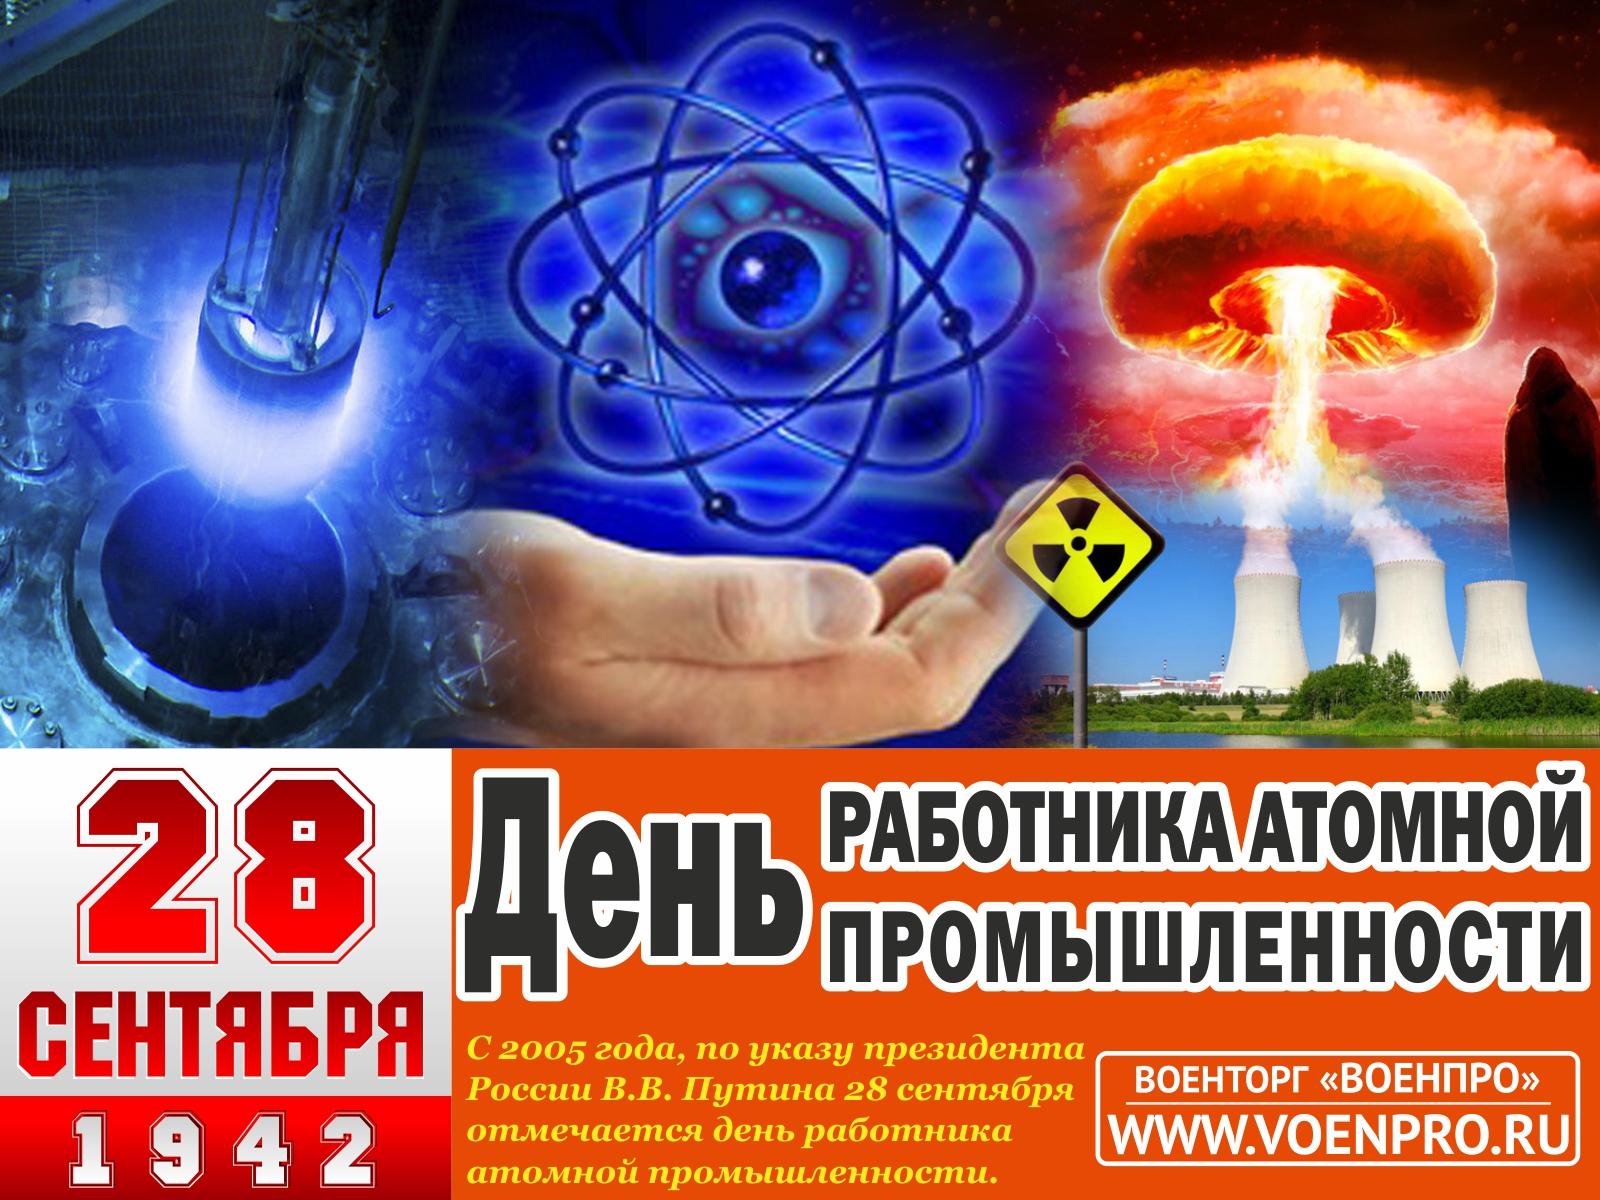 Пляжа, смешные картинки атомная промышленность